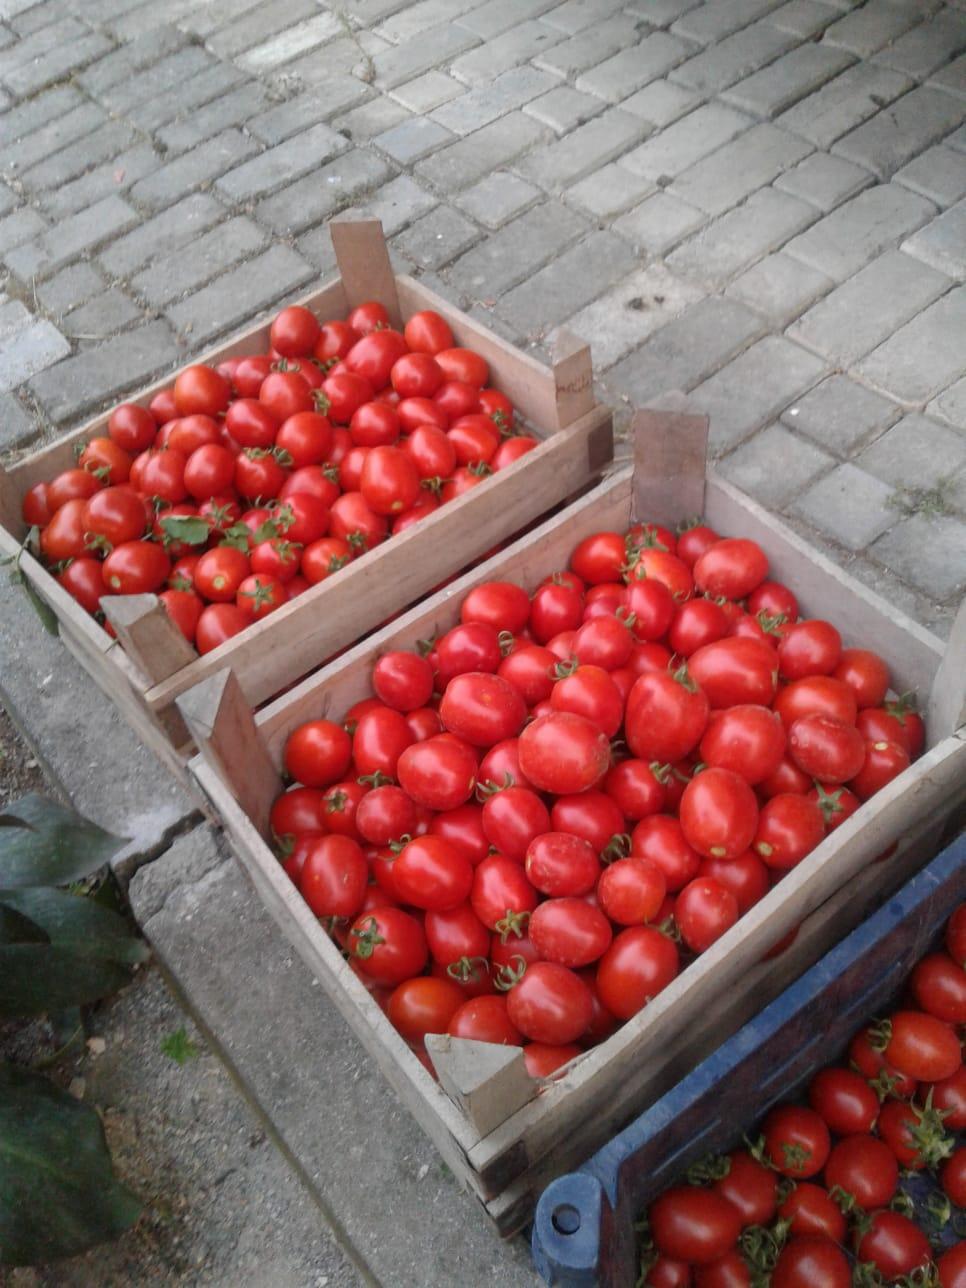 Domates - Üretici Salim Çanakçılar 0 tl fiyat ile 7.000 kilogram benito f1 çeşidi domates satmak istiyor